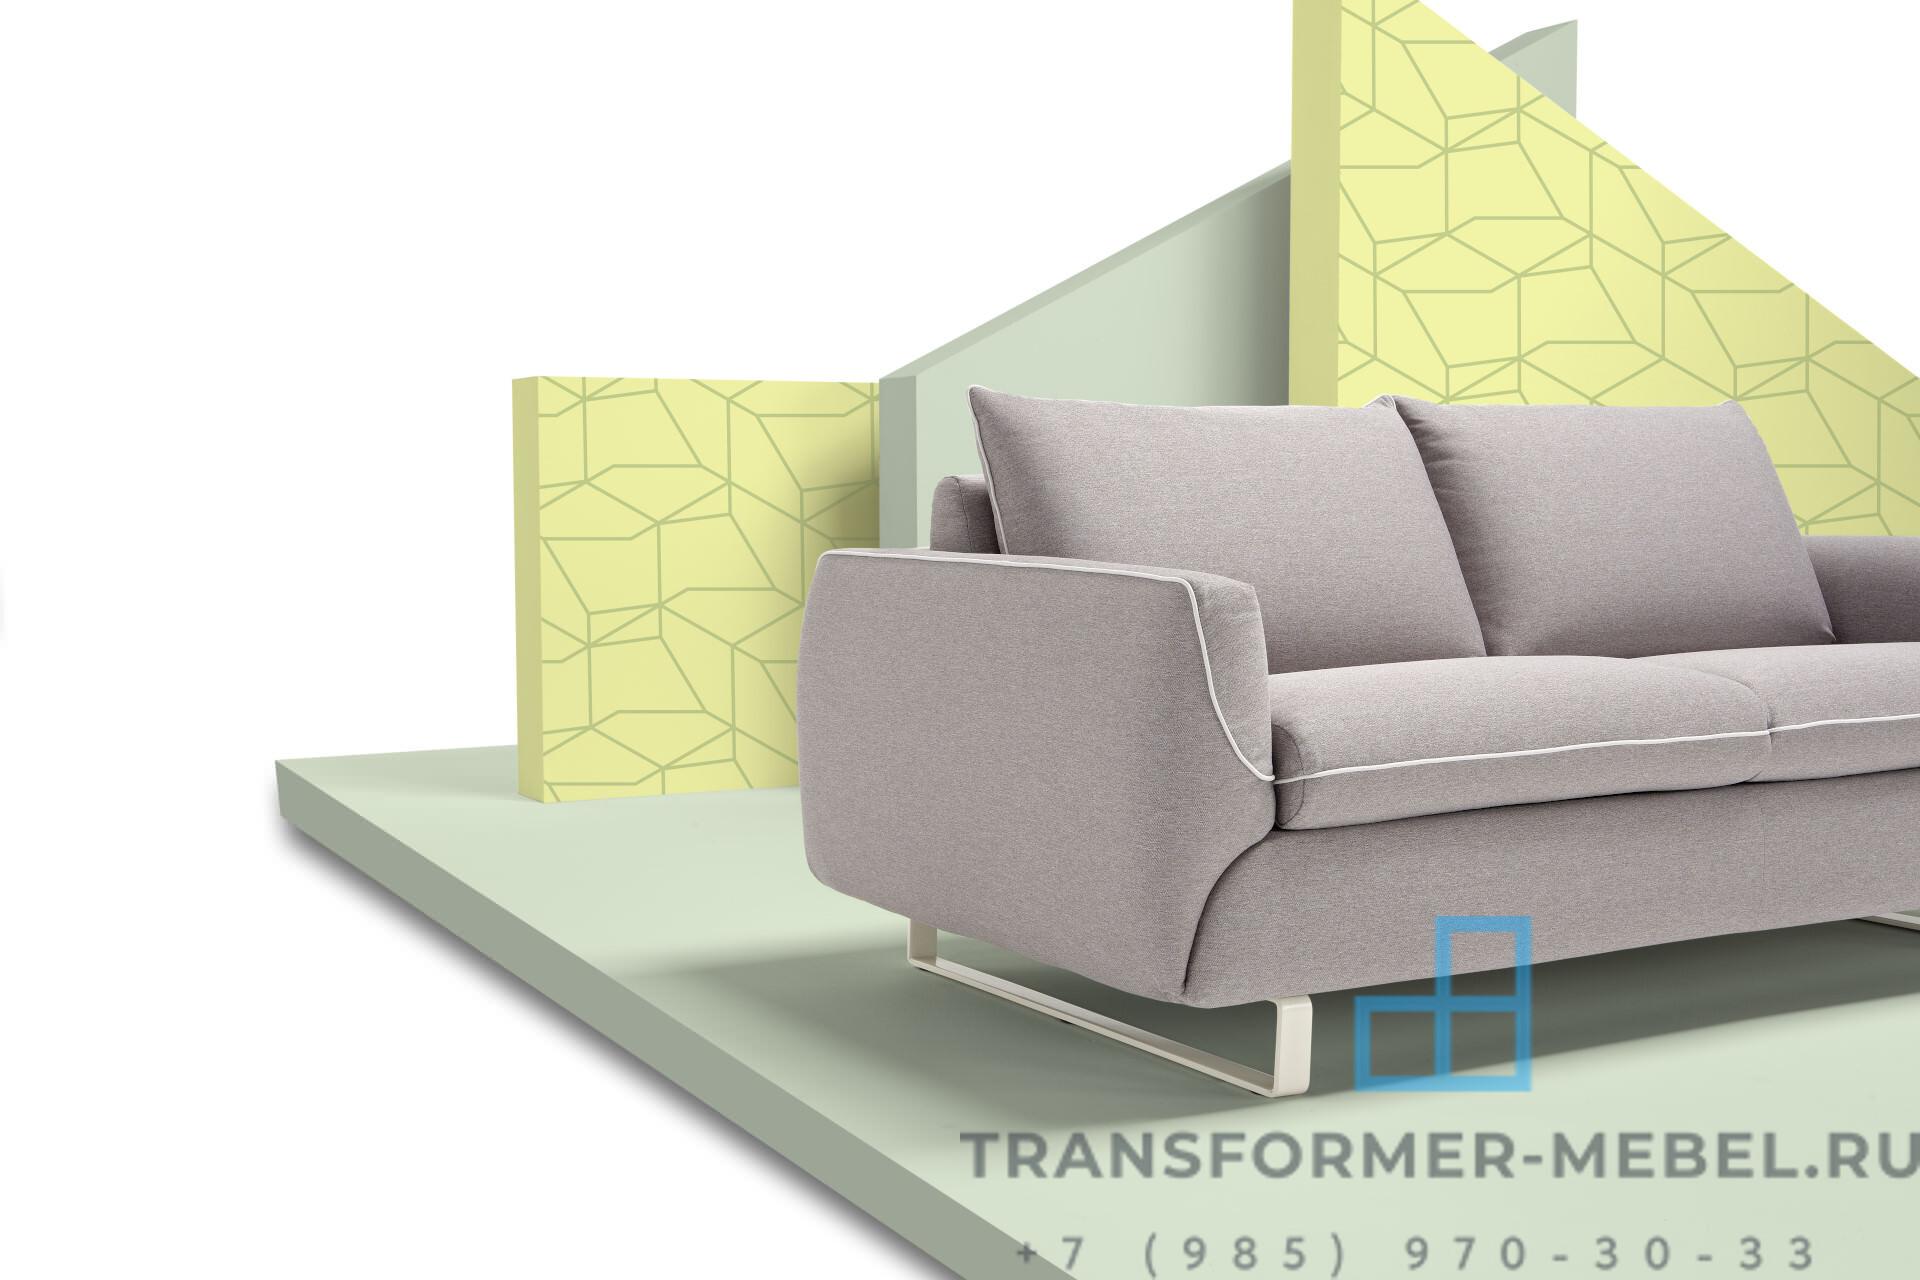 мебель трансформер диван кровать 7